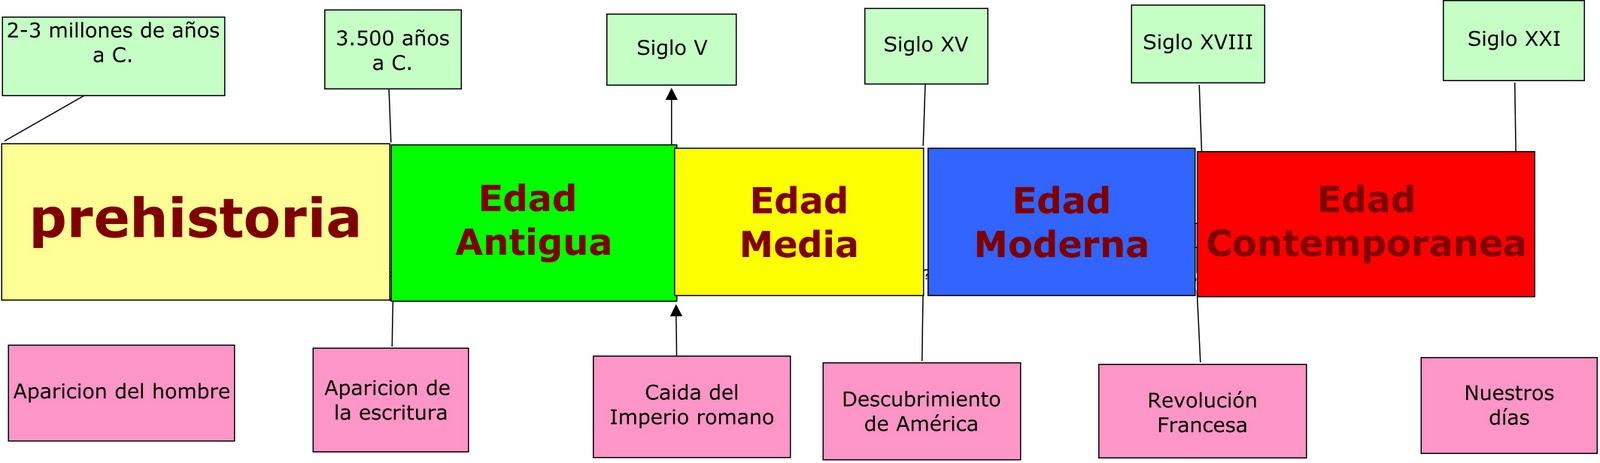 Historia definici n y cronolog a for Definicion de contemporanea